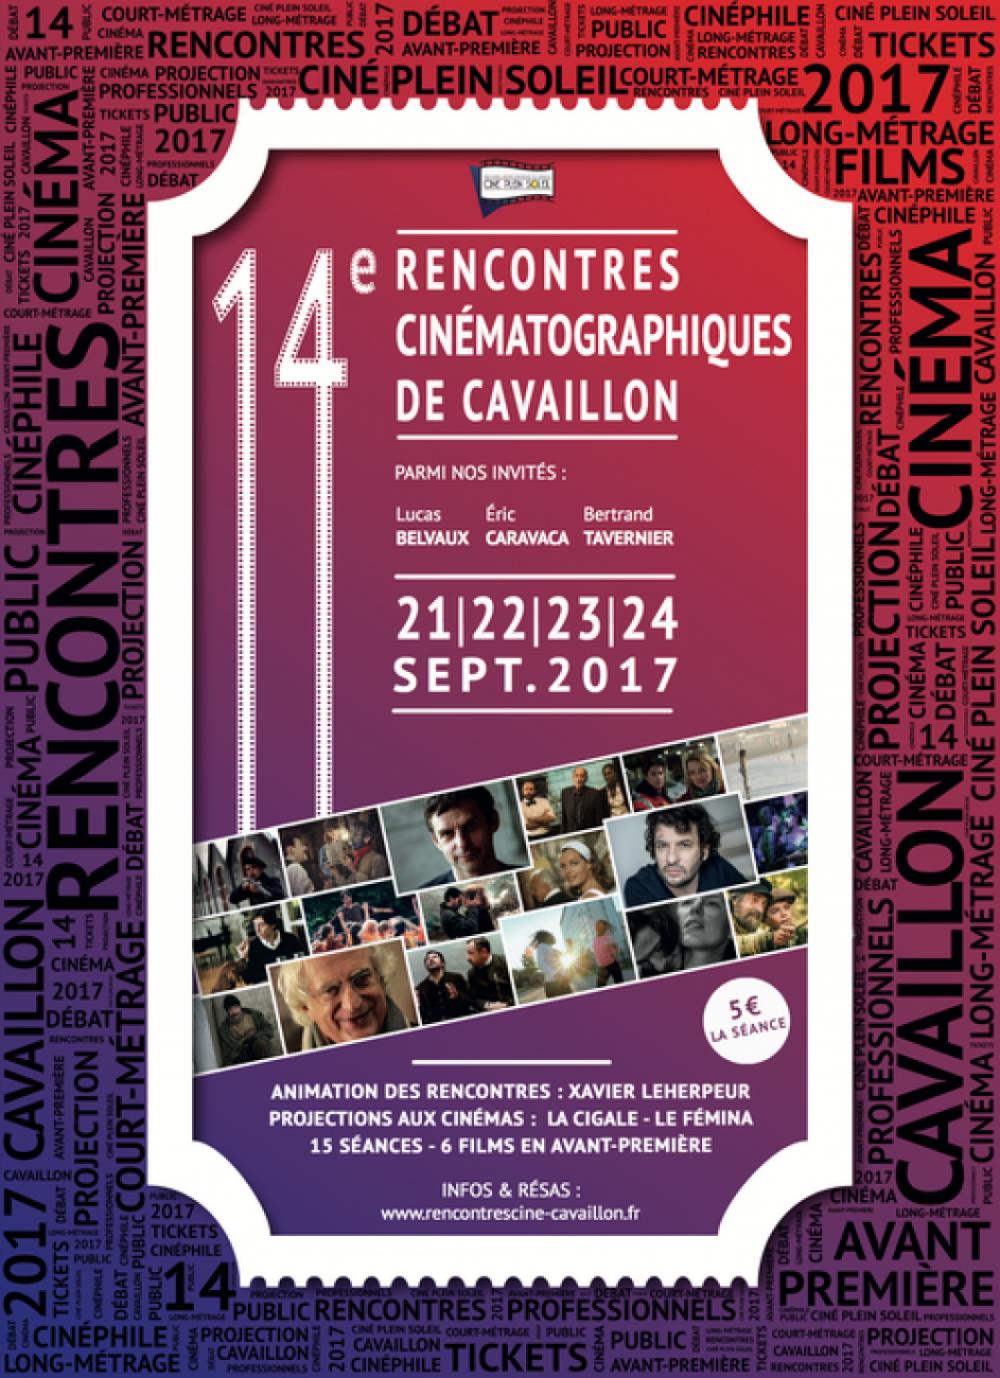 14e Rencontres Cinématographiques de Cavaillon